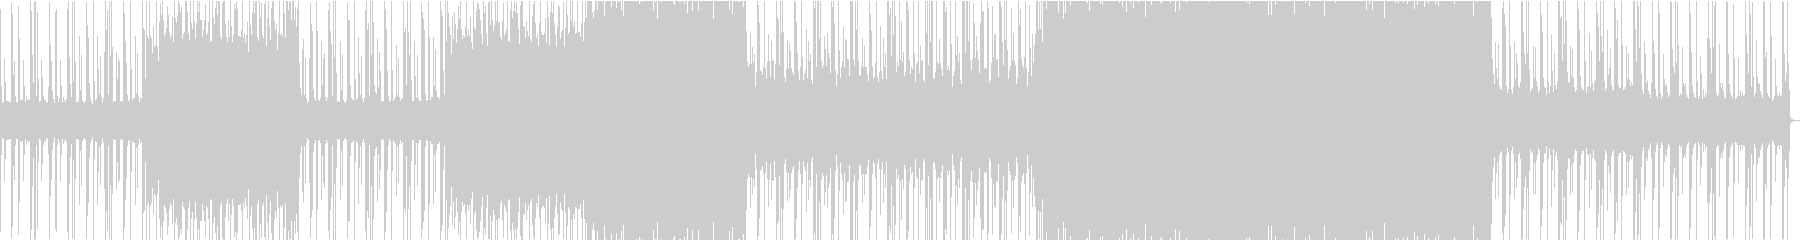 怪しげな雰囲気の重低音EDMの未再生の波形